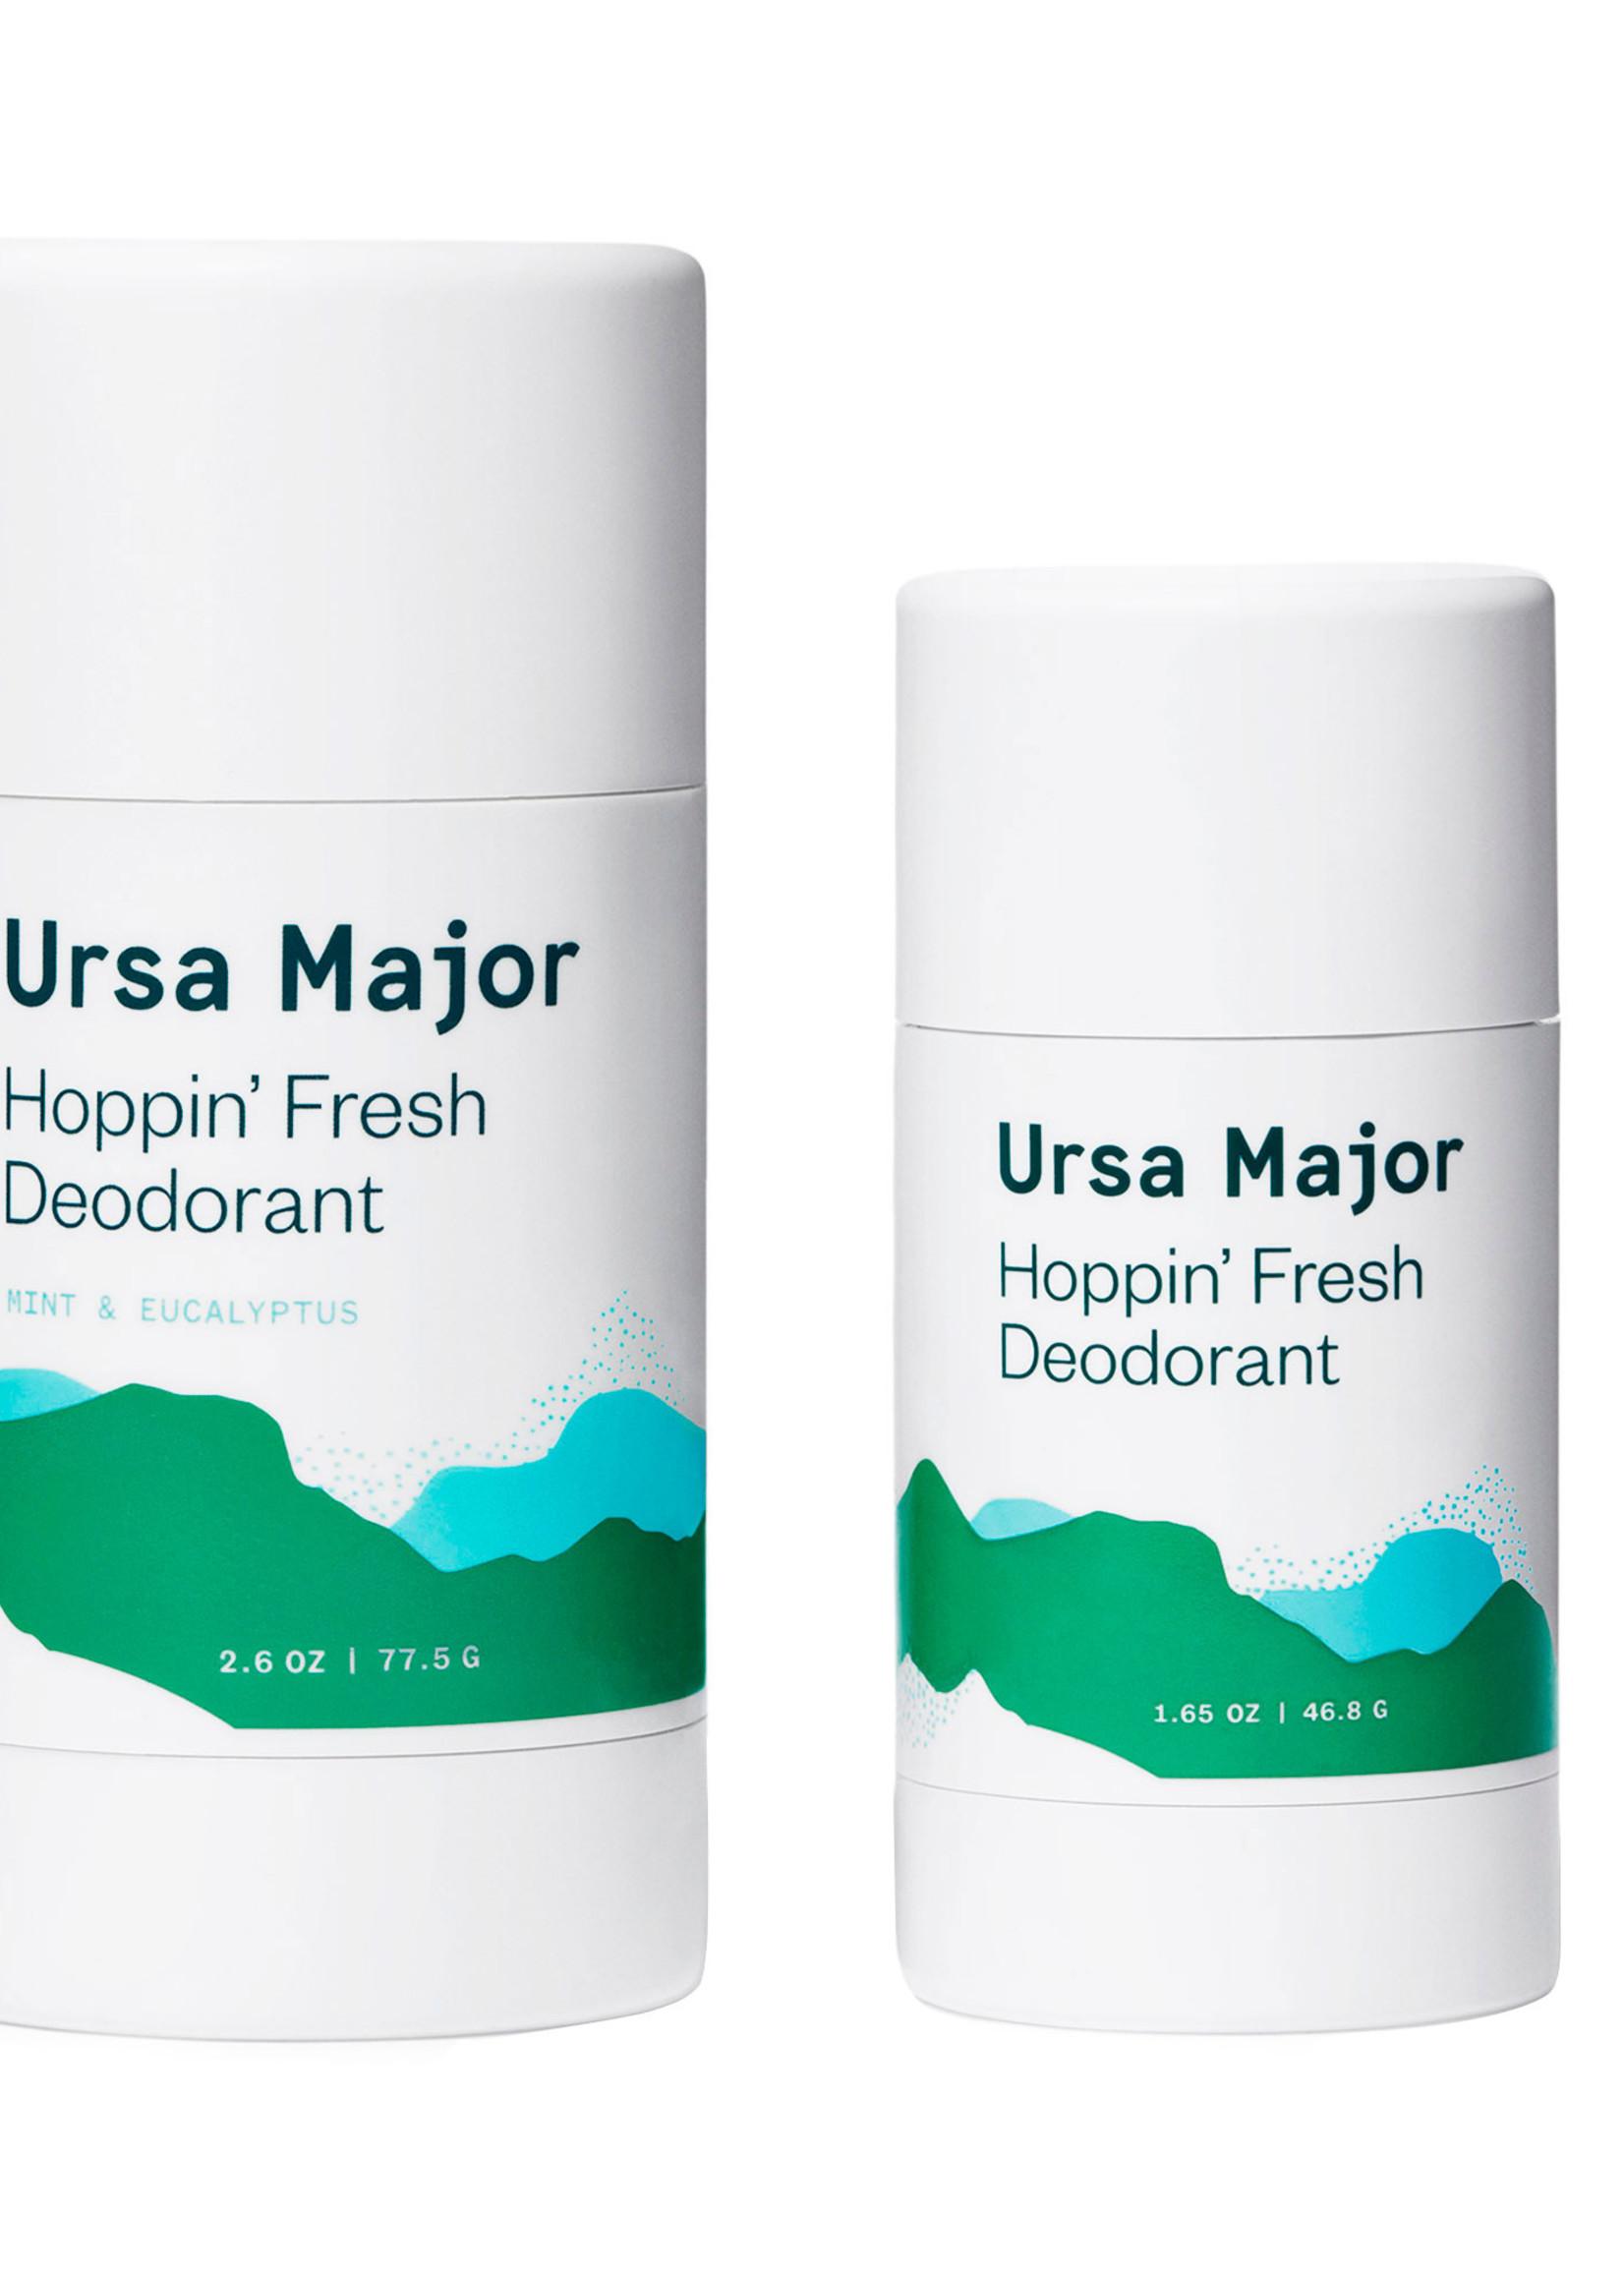 Ursa Major Hoppin Fresh Deodorant: Full Size